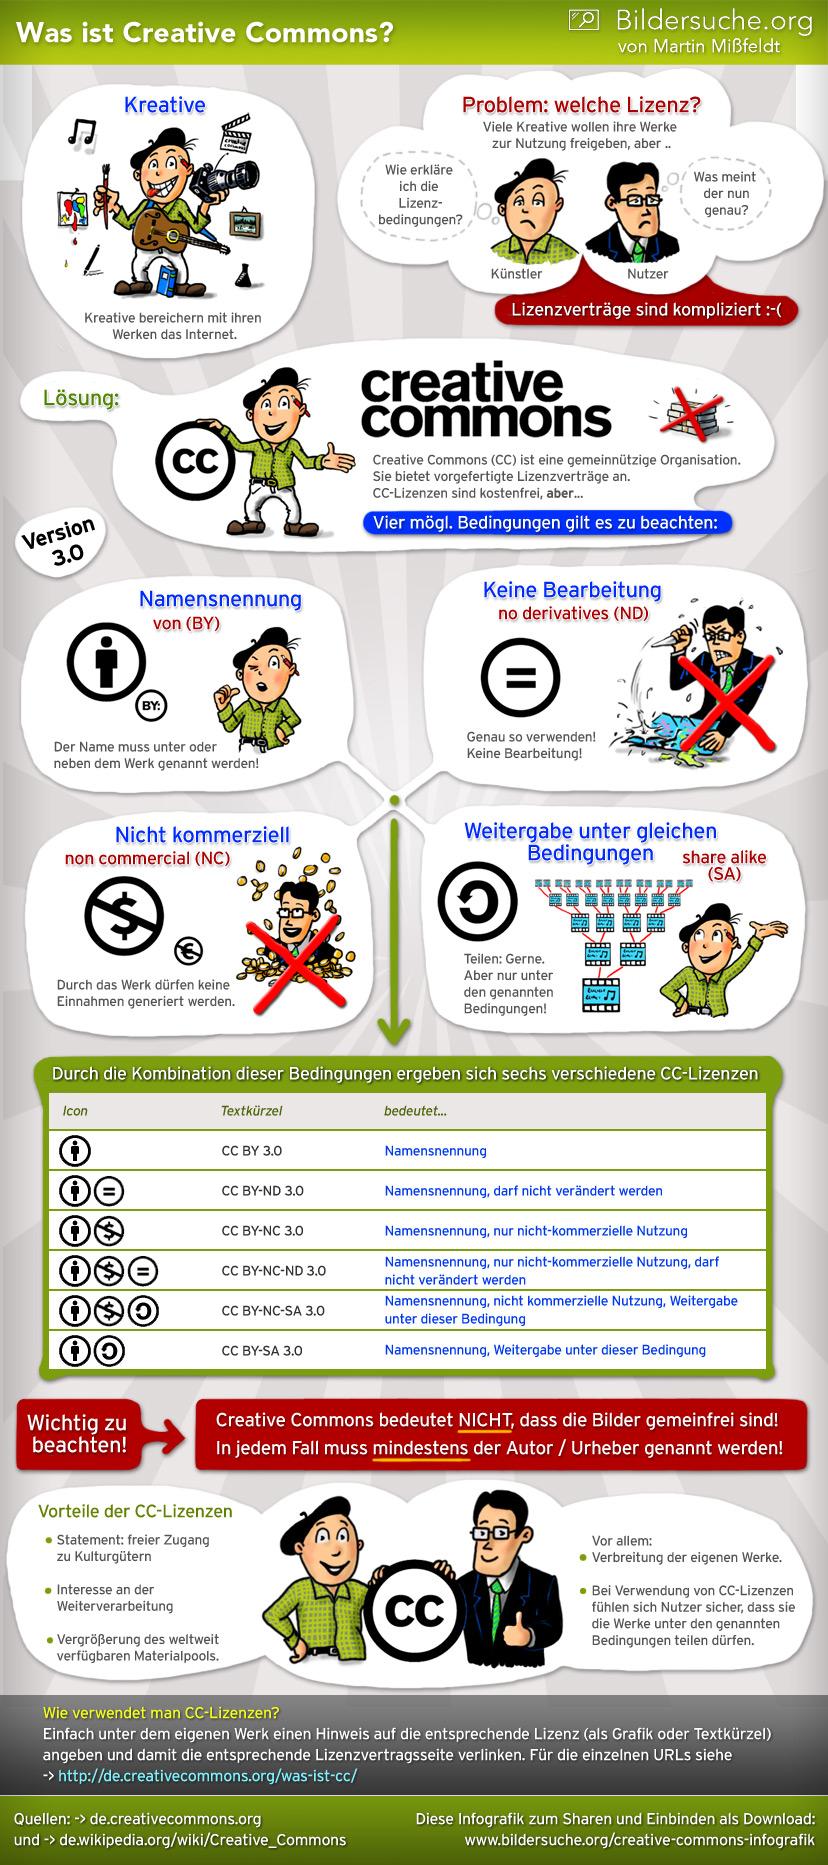 Die Creative Commons Lizenz im Überblick (von Martin Mißfeldt / Bildersuche.org / CC-BY-SA 3.0)